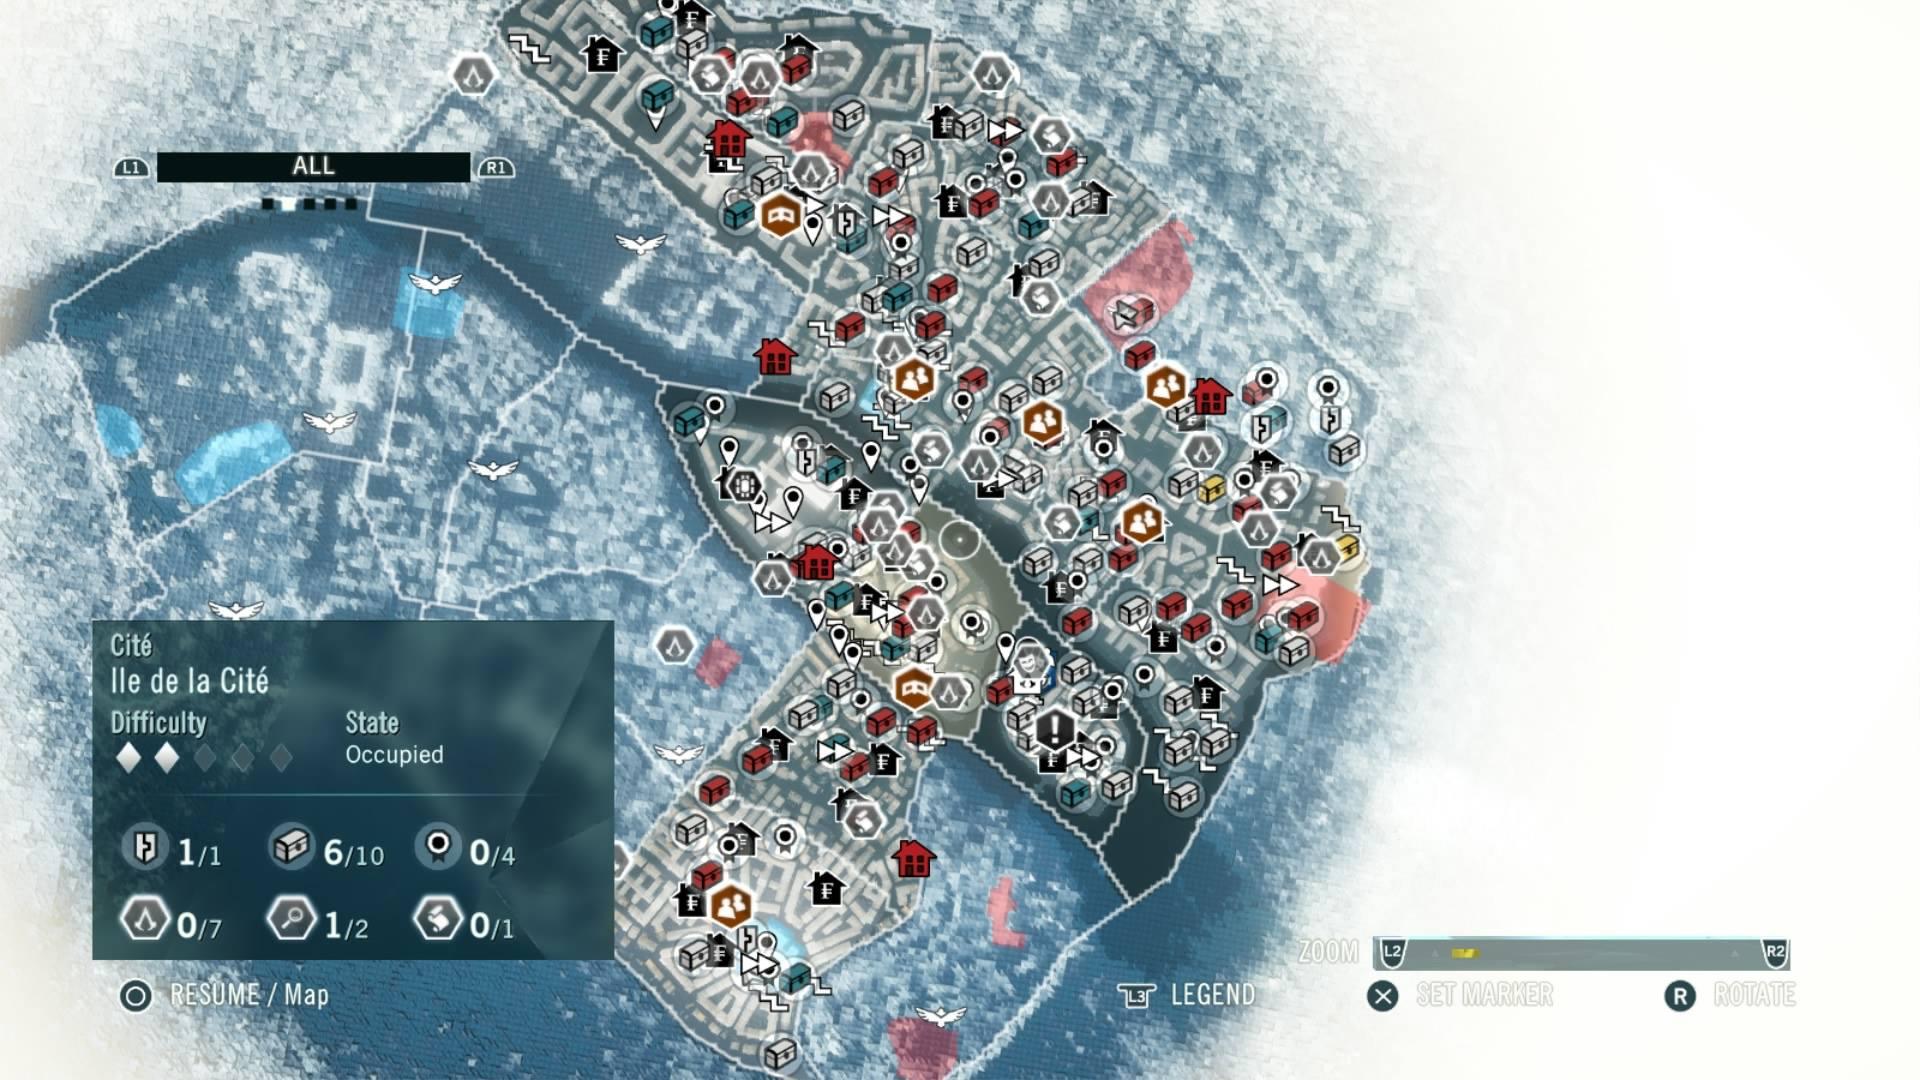 Глаза разбежались от Assassin's Creed: Unity - Изображение 1